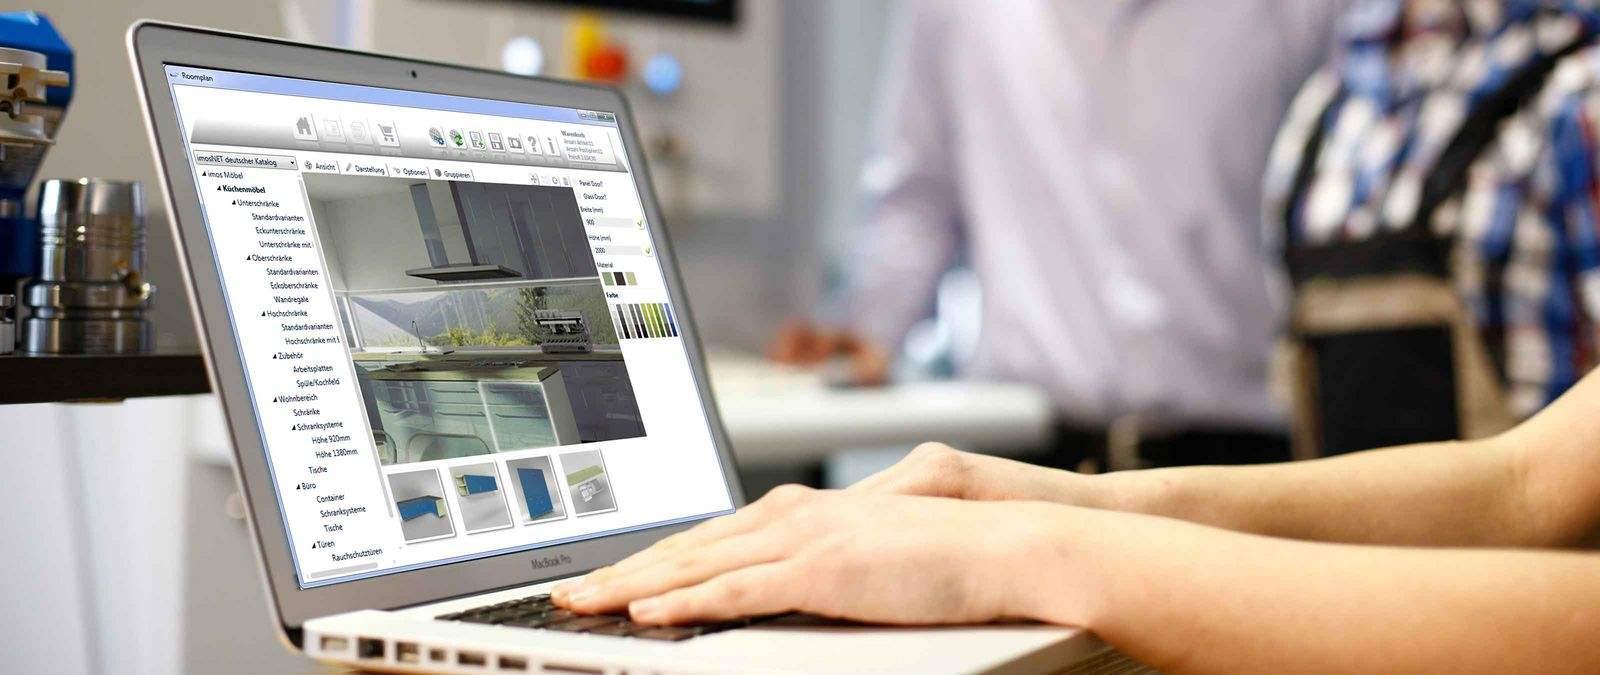 天津小程序开发,天津小程序制作,天津微商城开发,电商网站建设,网上商城系统,天津网站设计